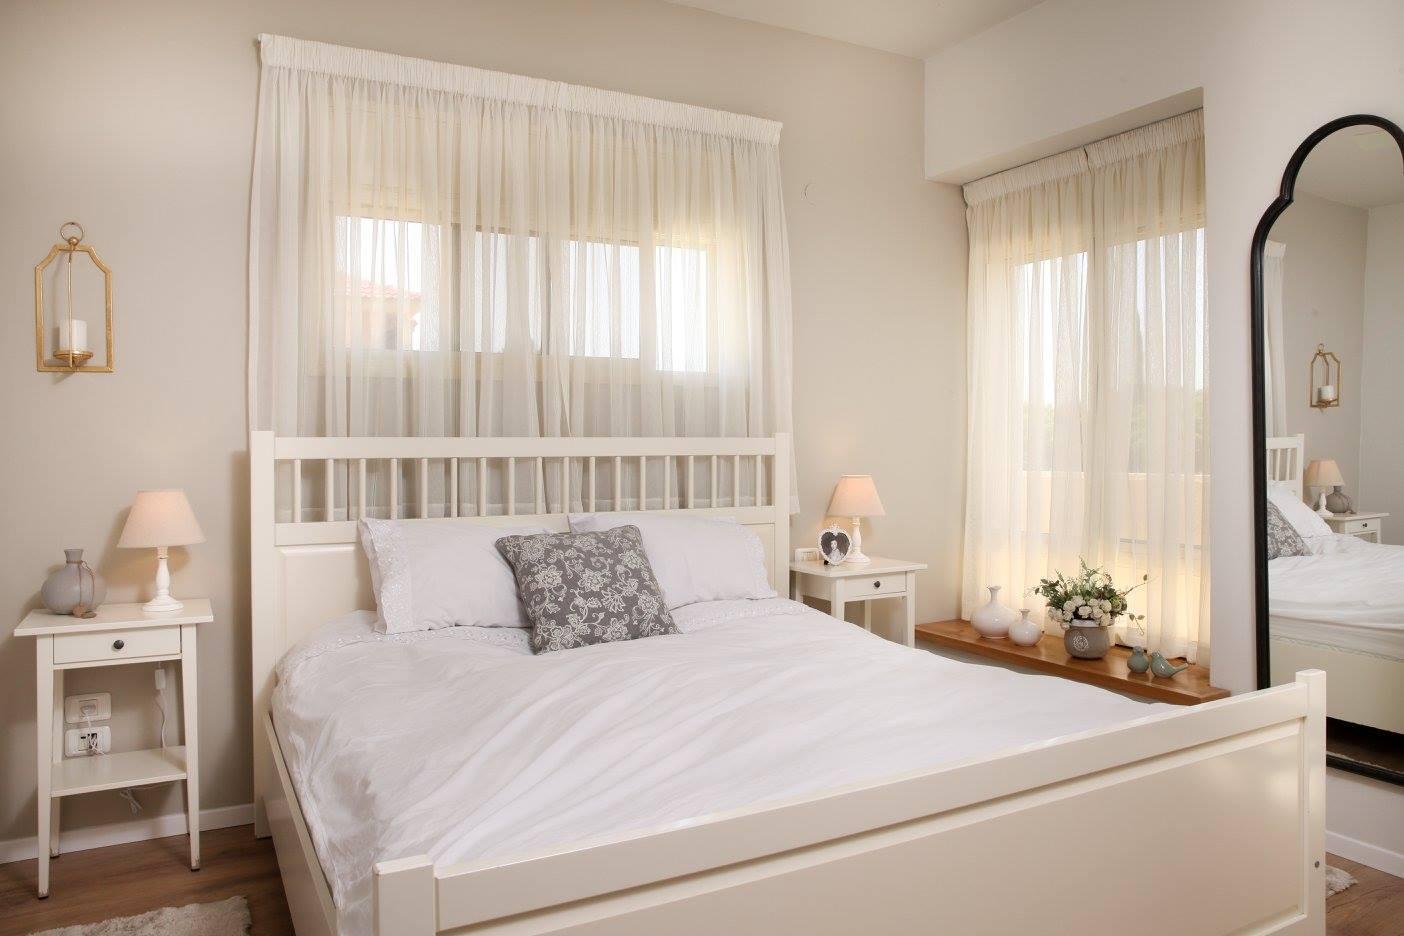 חדר שינה בבית למכירה בקדימה בכפר